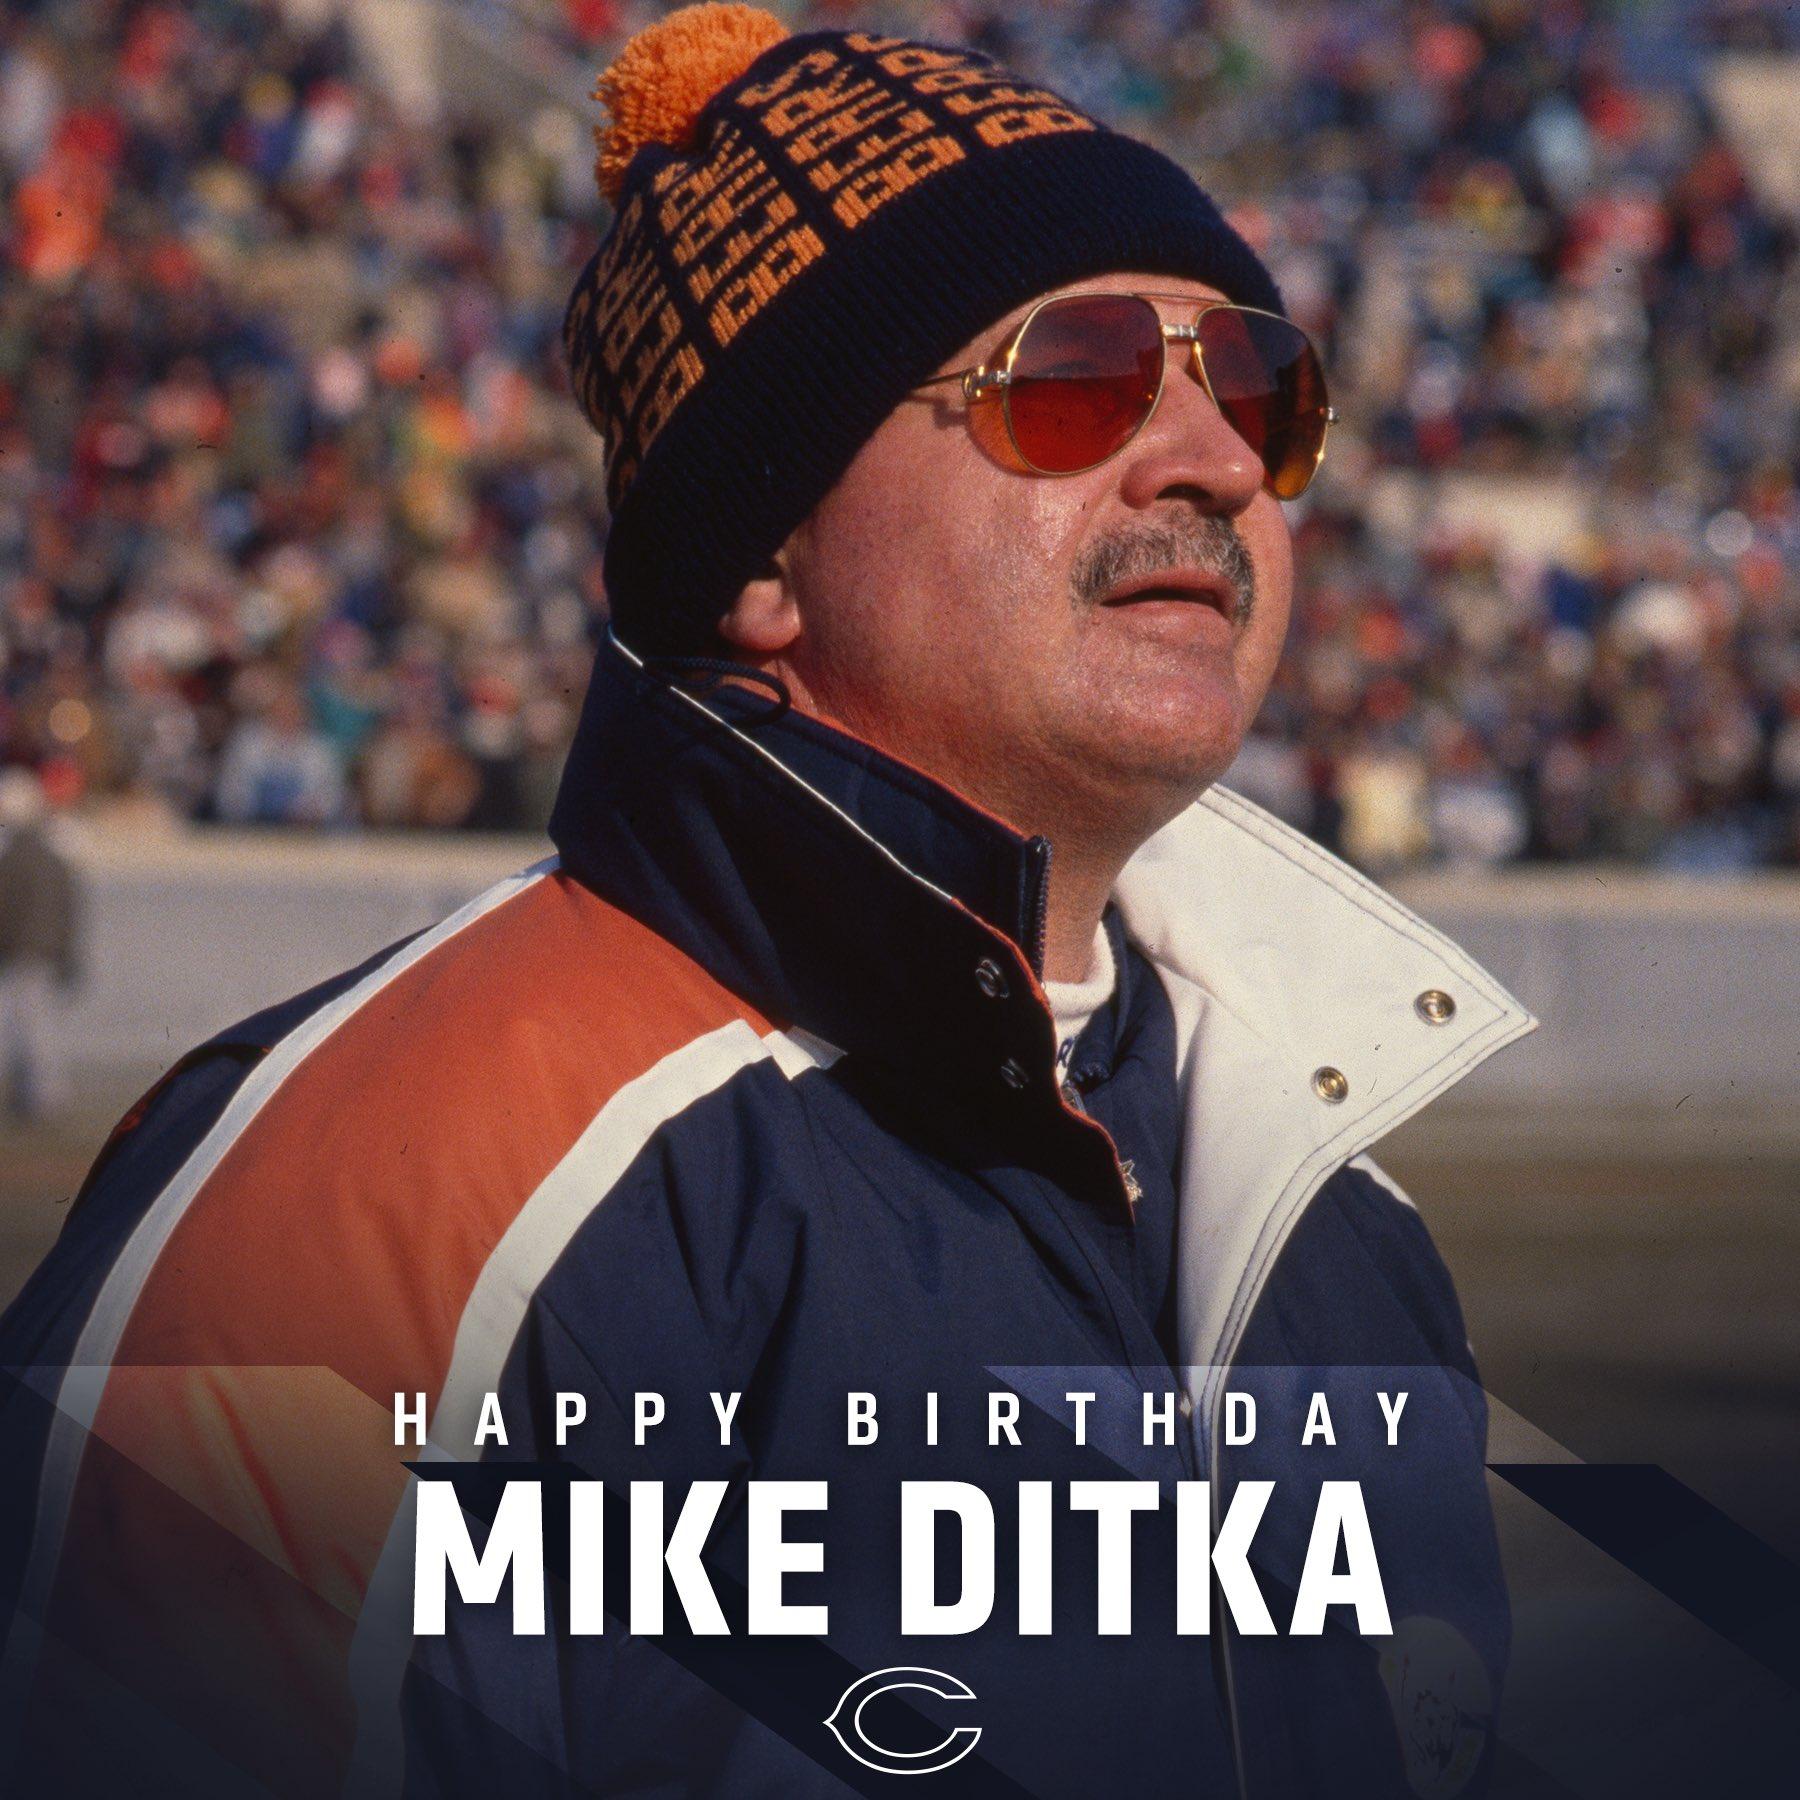 Happy 78th birthday to Da Coach. https://t.co/Y4pN696Bqx